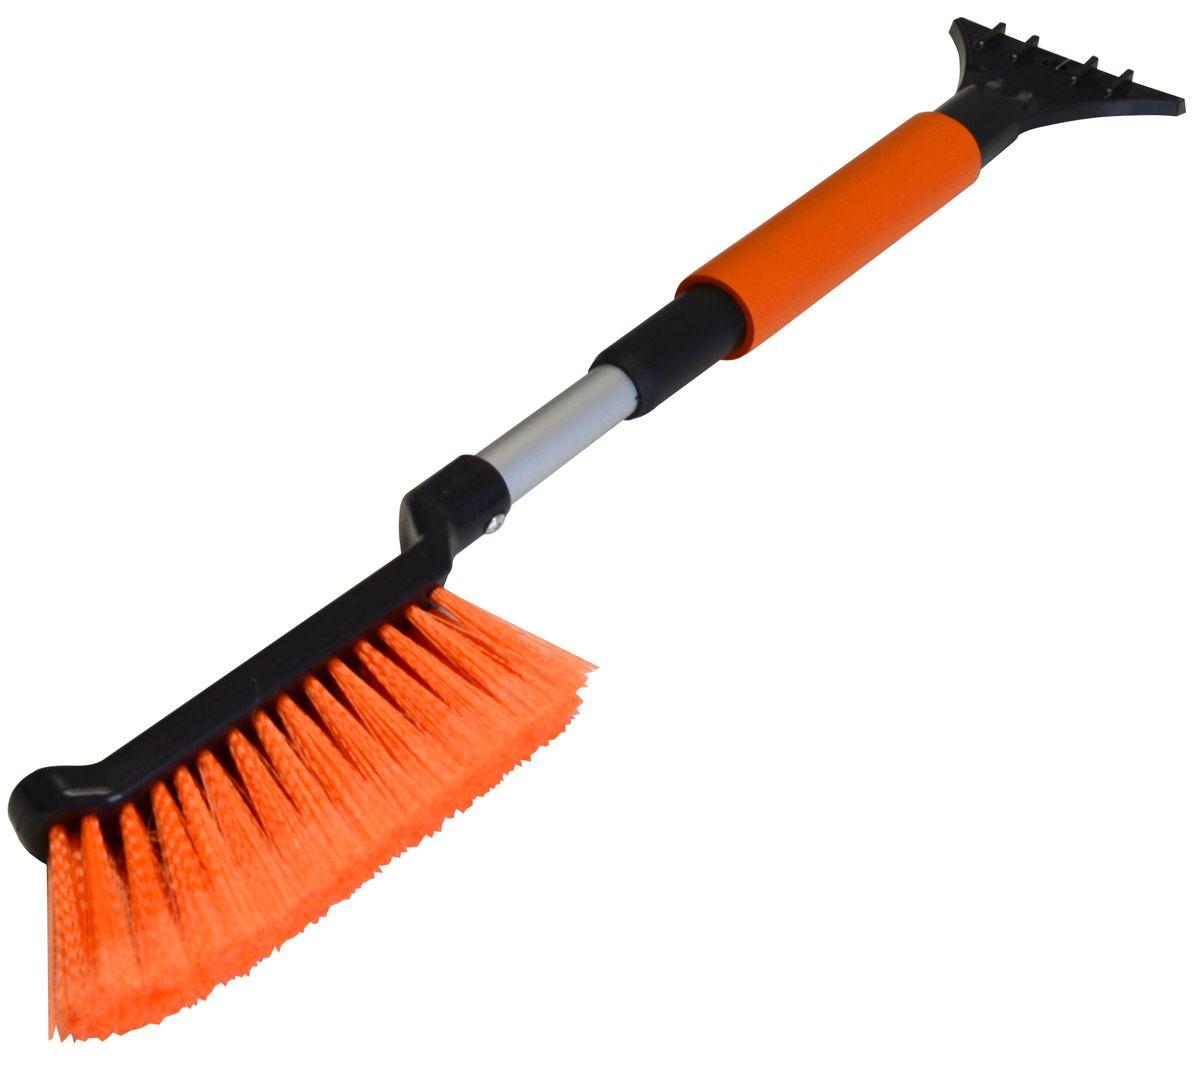 Щетка автомобильная Коллекция, со скребком, цвет: оранжевый. X5CT-70X5CT-70/2Щетка-скребок автомобильный для очистки снега и льда, цвет оранжевый.